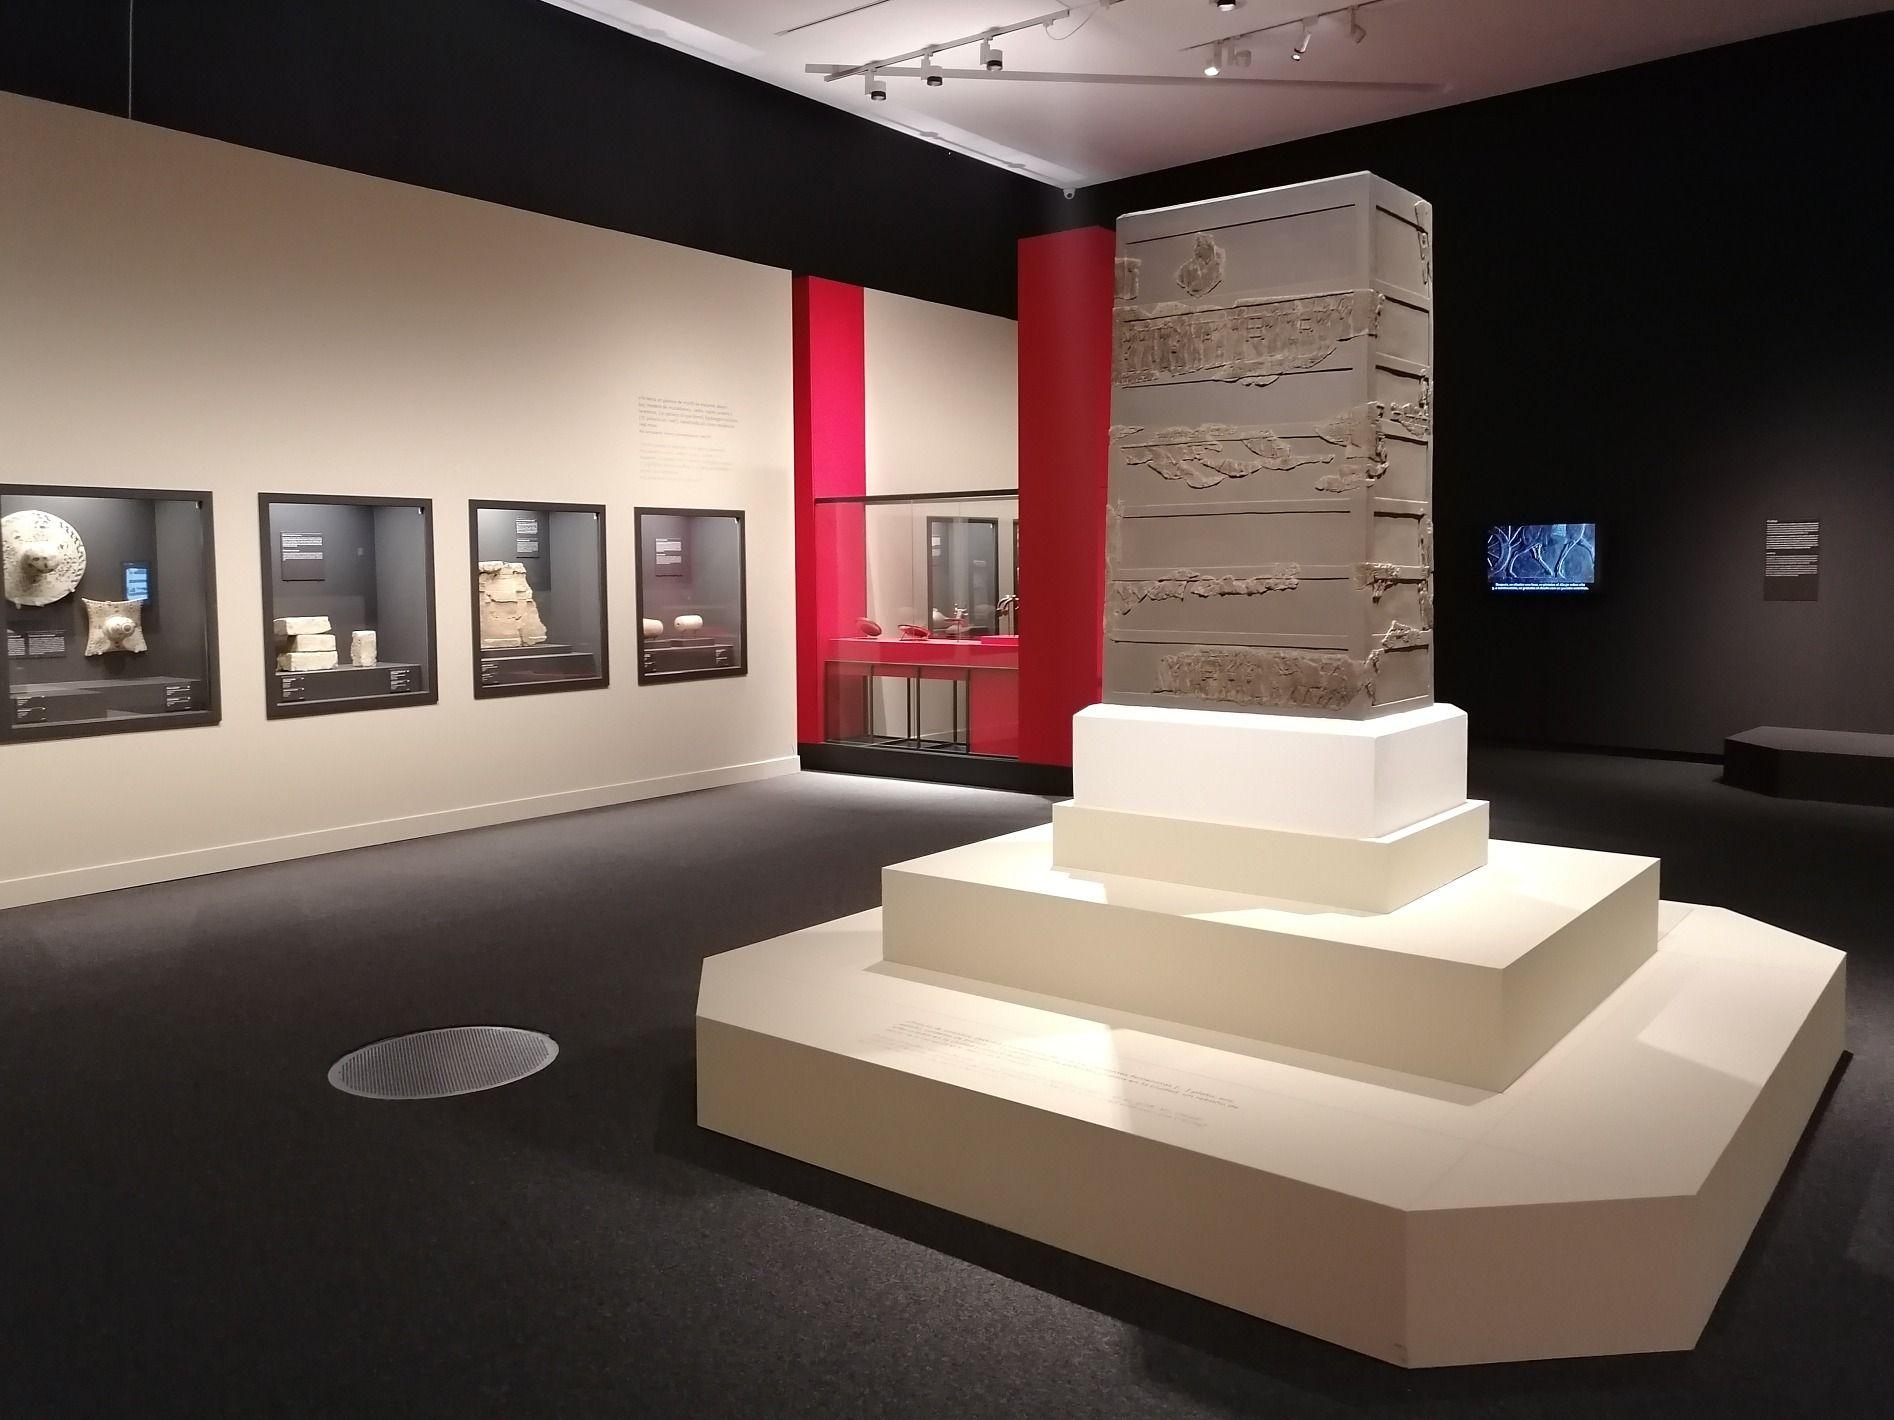 21 Feb 25 Oct Exposición Lujo De Los Asirios A Alejandro Magno En Caixaforum Zaragoza Exposiciones Zaragoza Alejandro Magno